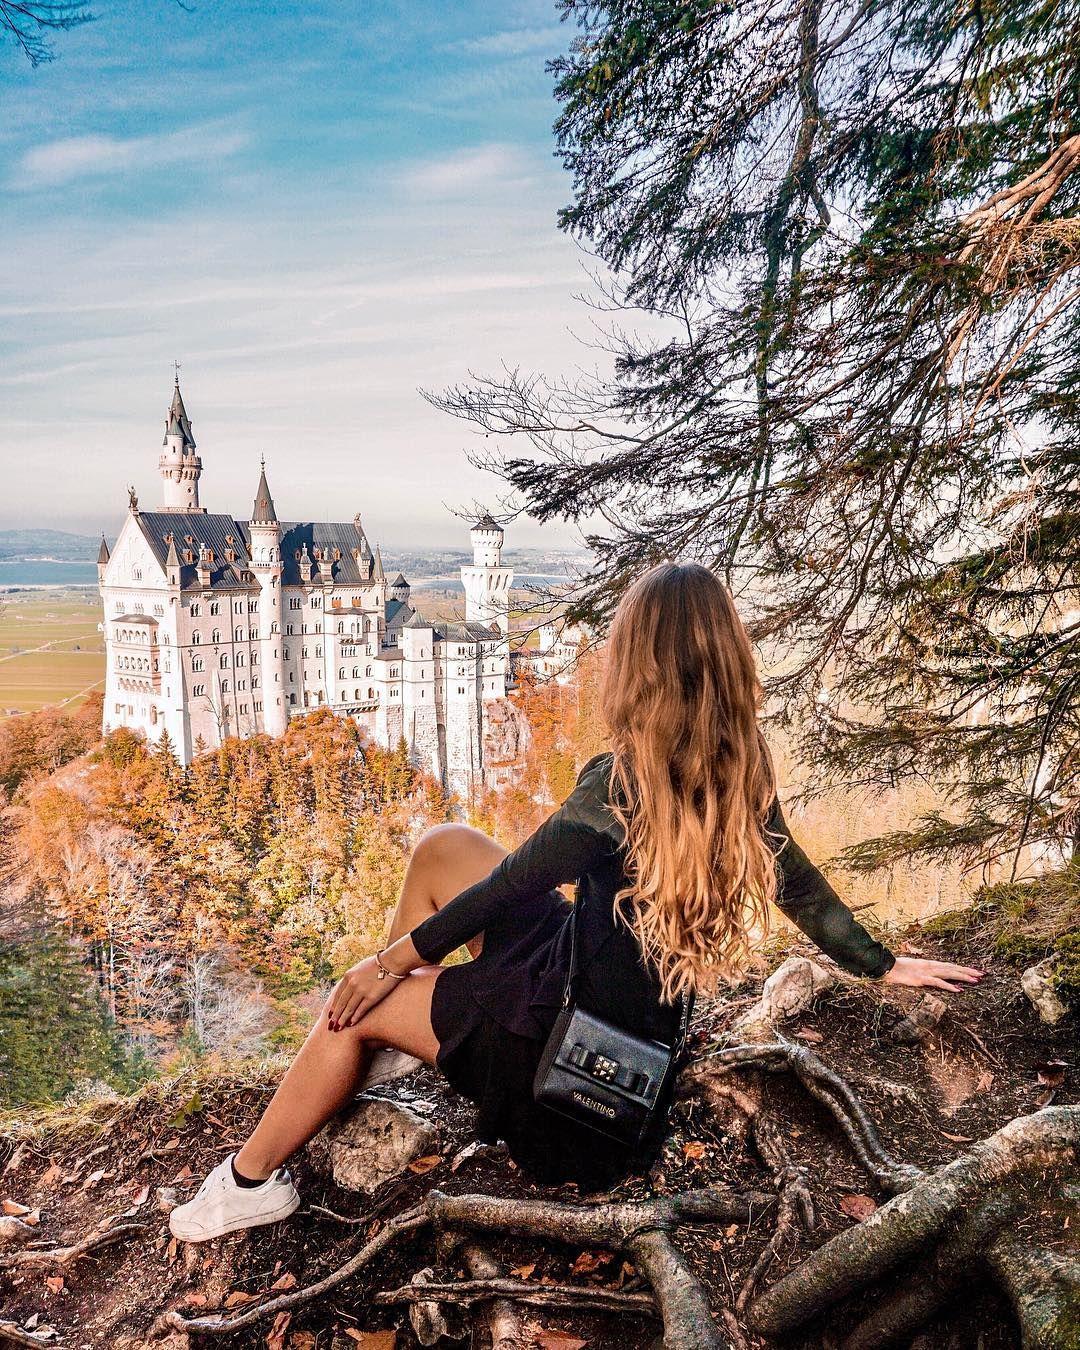 Lisa On Instagram Autumn Mood Schlossneuschwanstein Bavaria Neuschwanstein I 2020